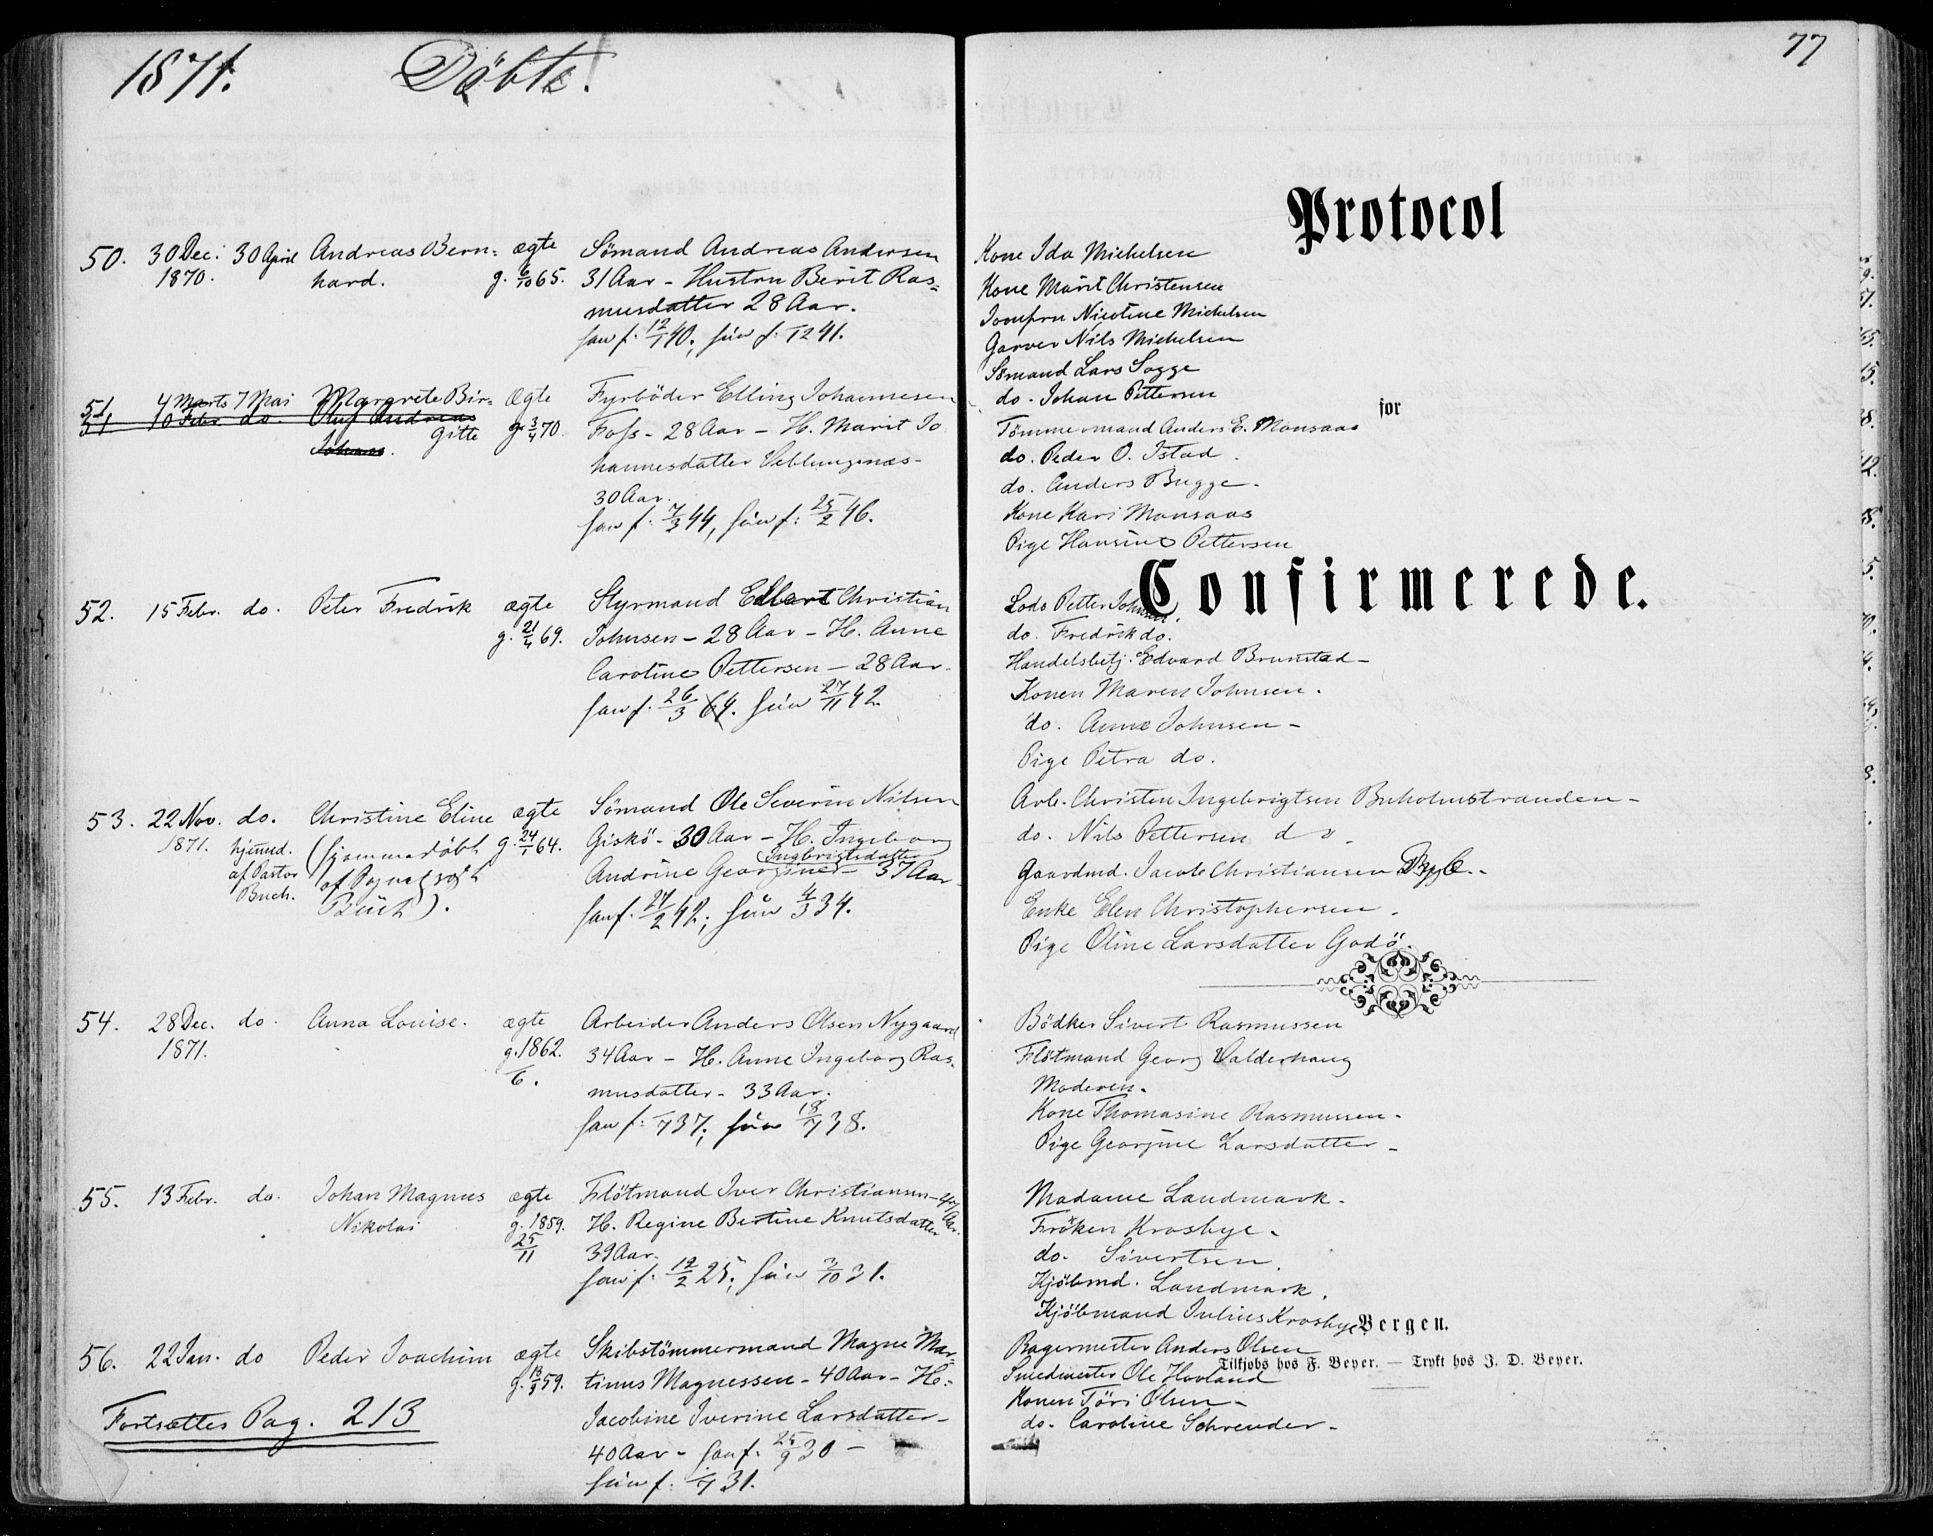 SAT, Ministerialprotokoller, klokkerbøker og fødselsregistre - Møre og Romsdal, 529/L0452: Ministerialbok nr. 529A02, 1864-1871, s. 77